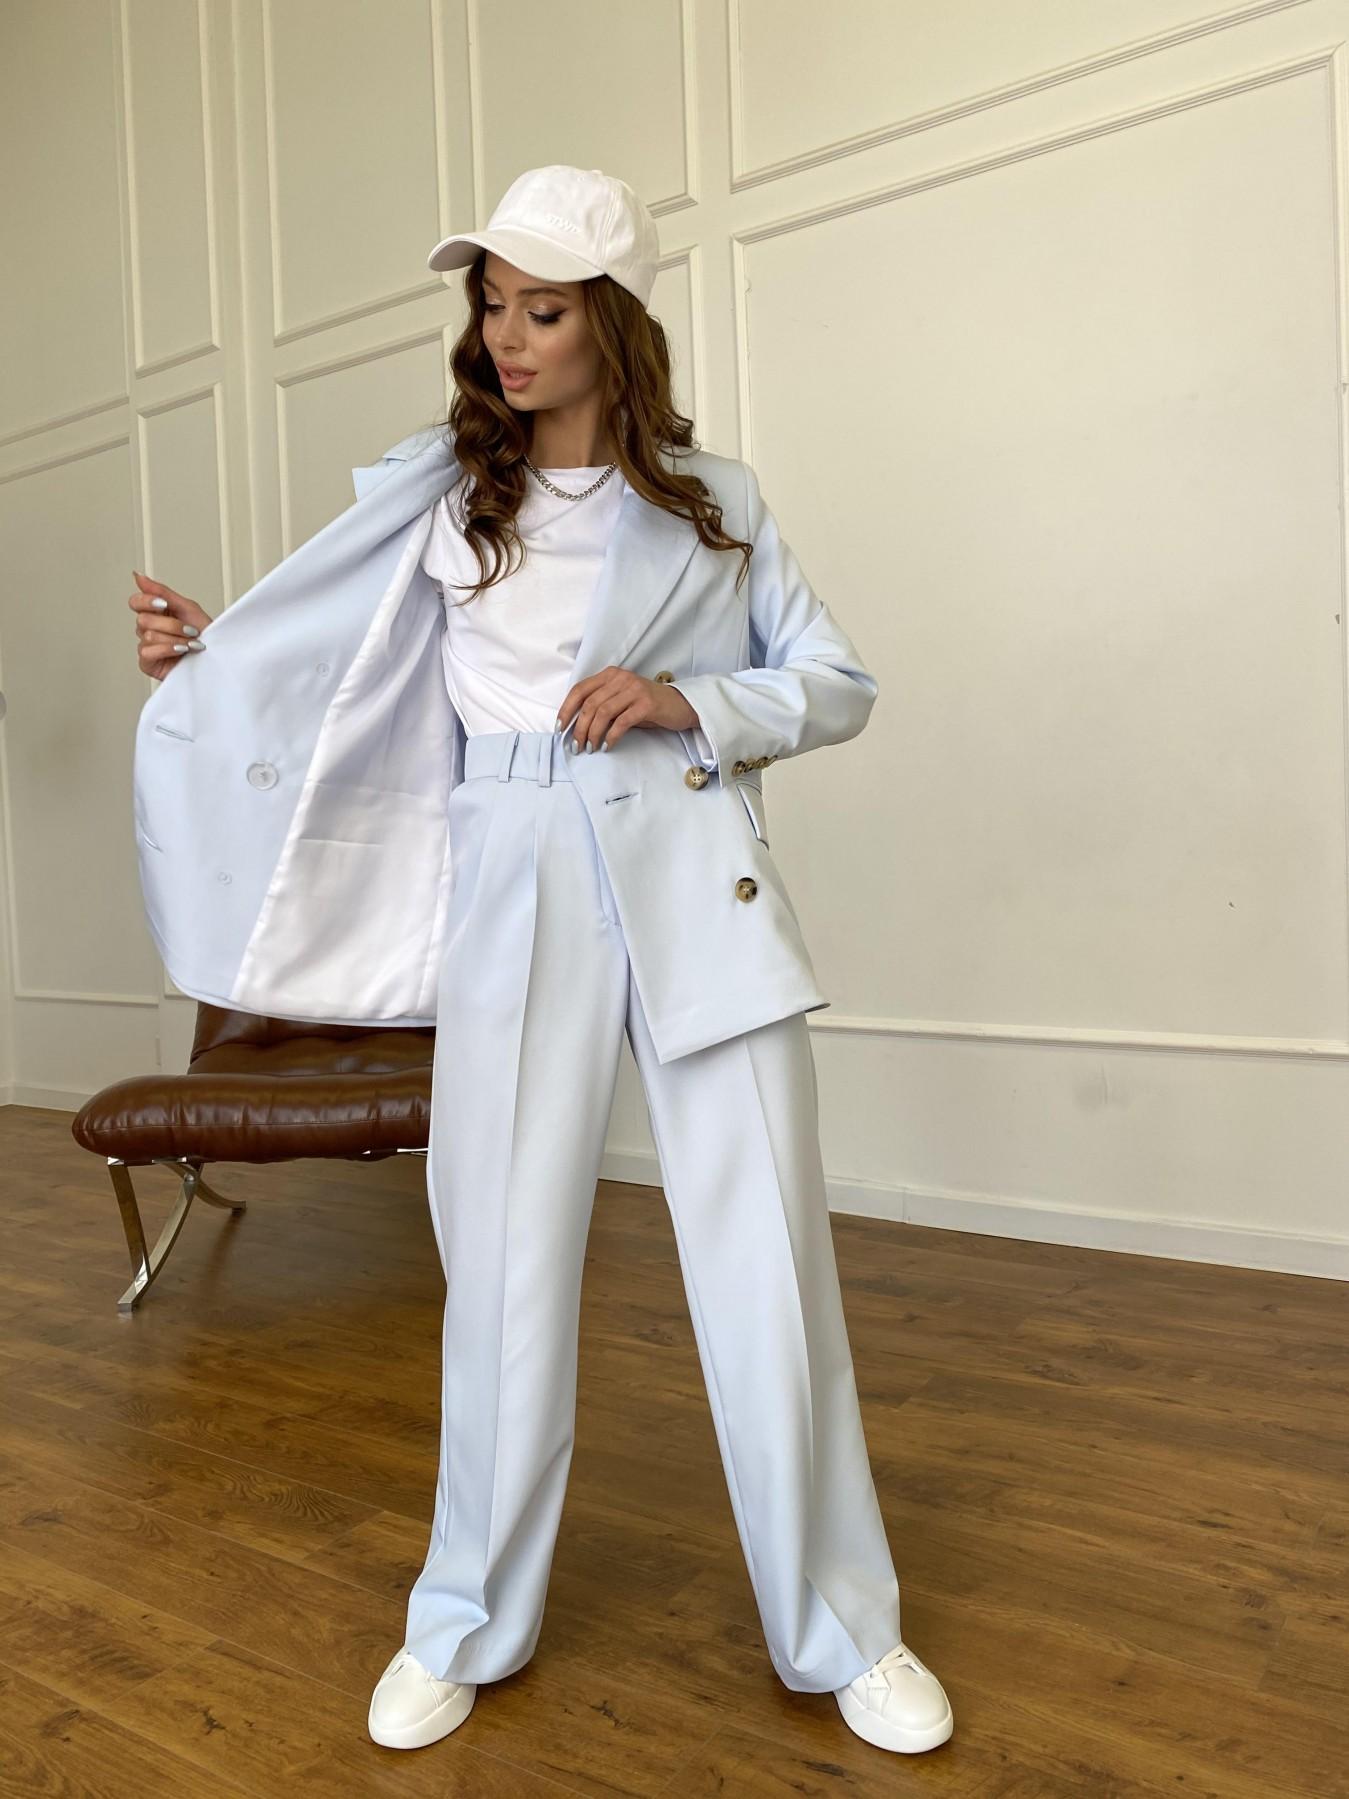 Белисимо жакет из костюмной ткани  стрейч 11192 АРТ. 47697 Цвет: Голубой - фото 7, интернет магазин tm-modus.ru